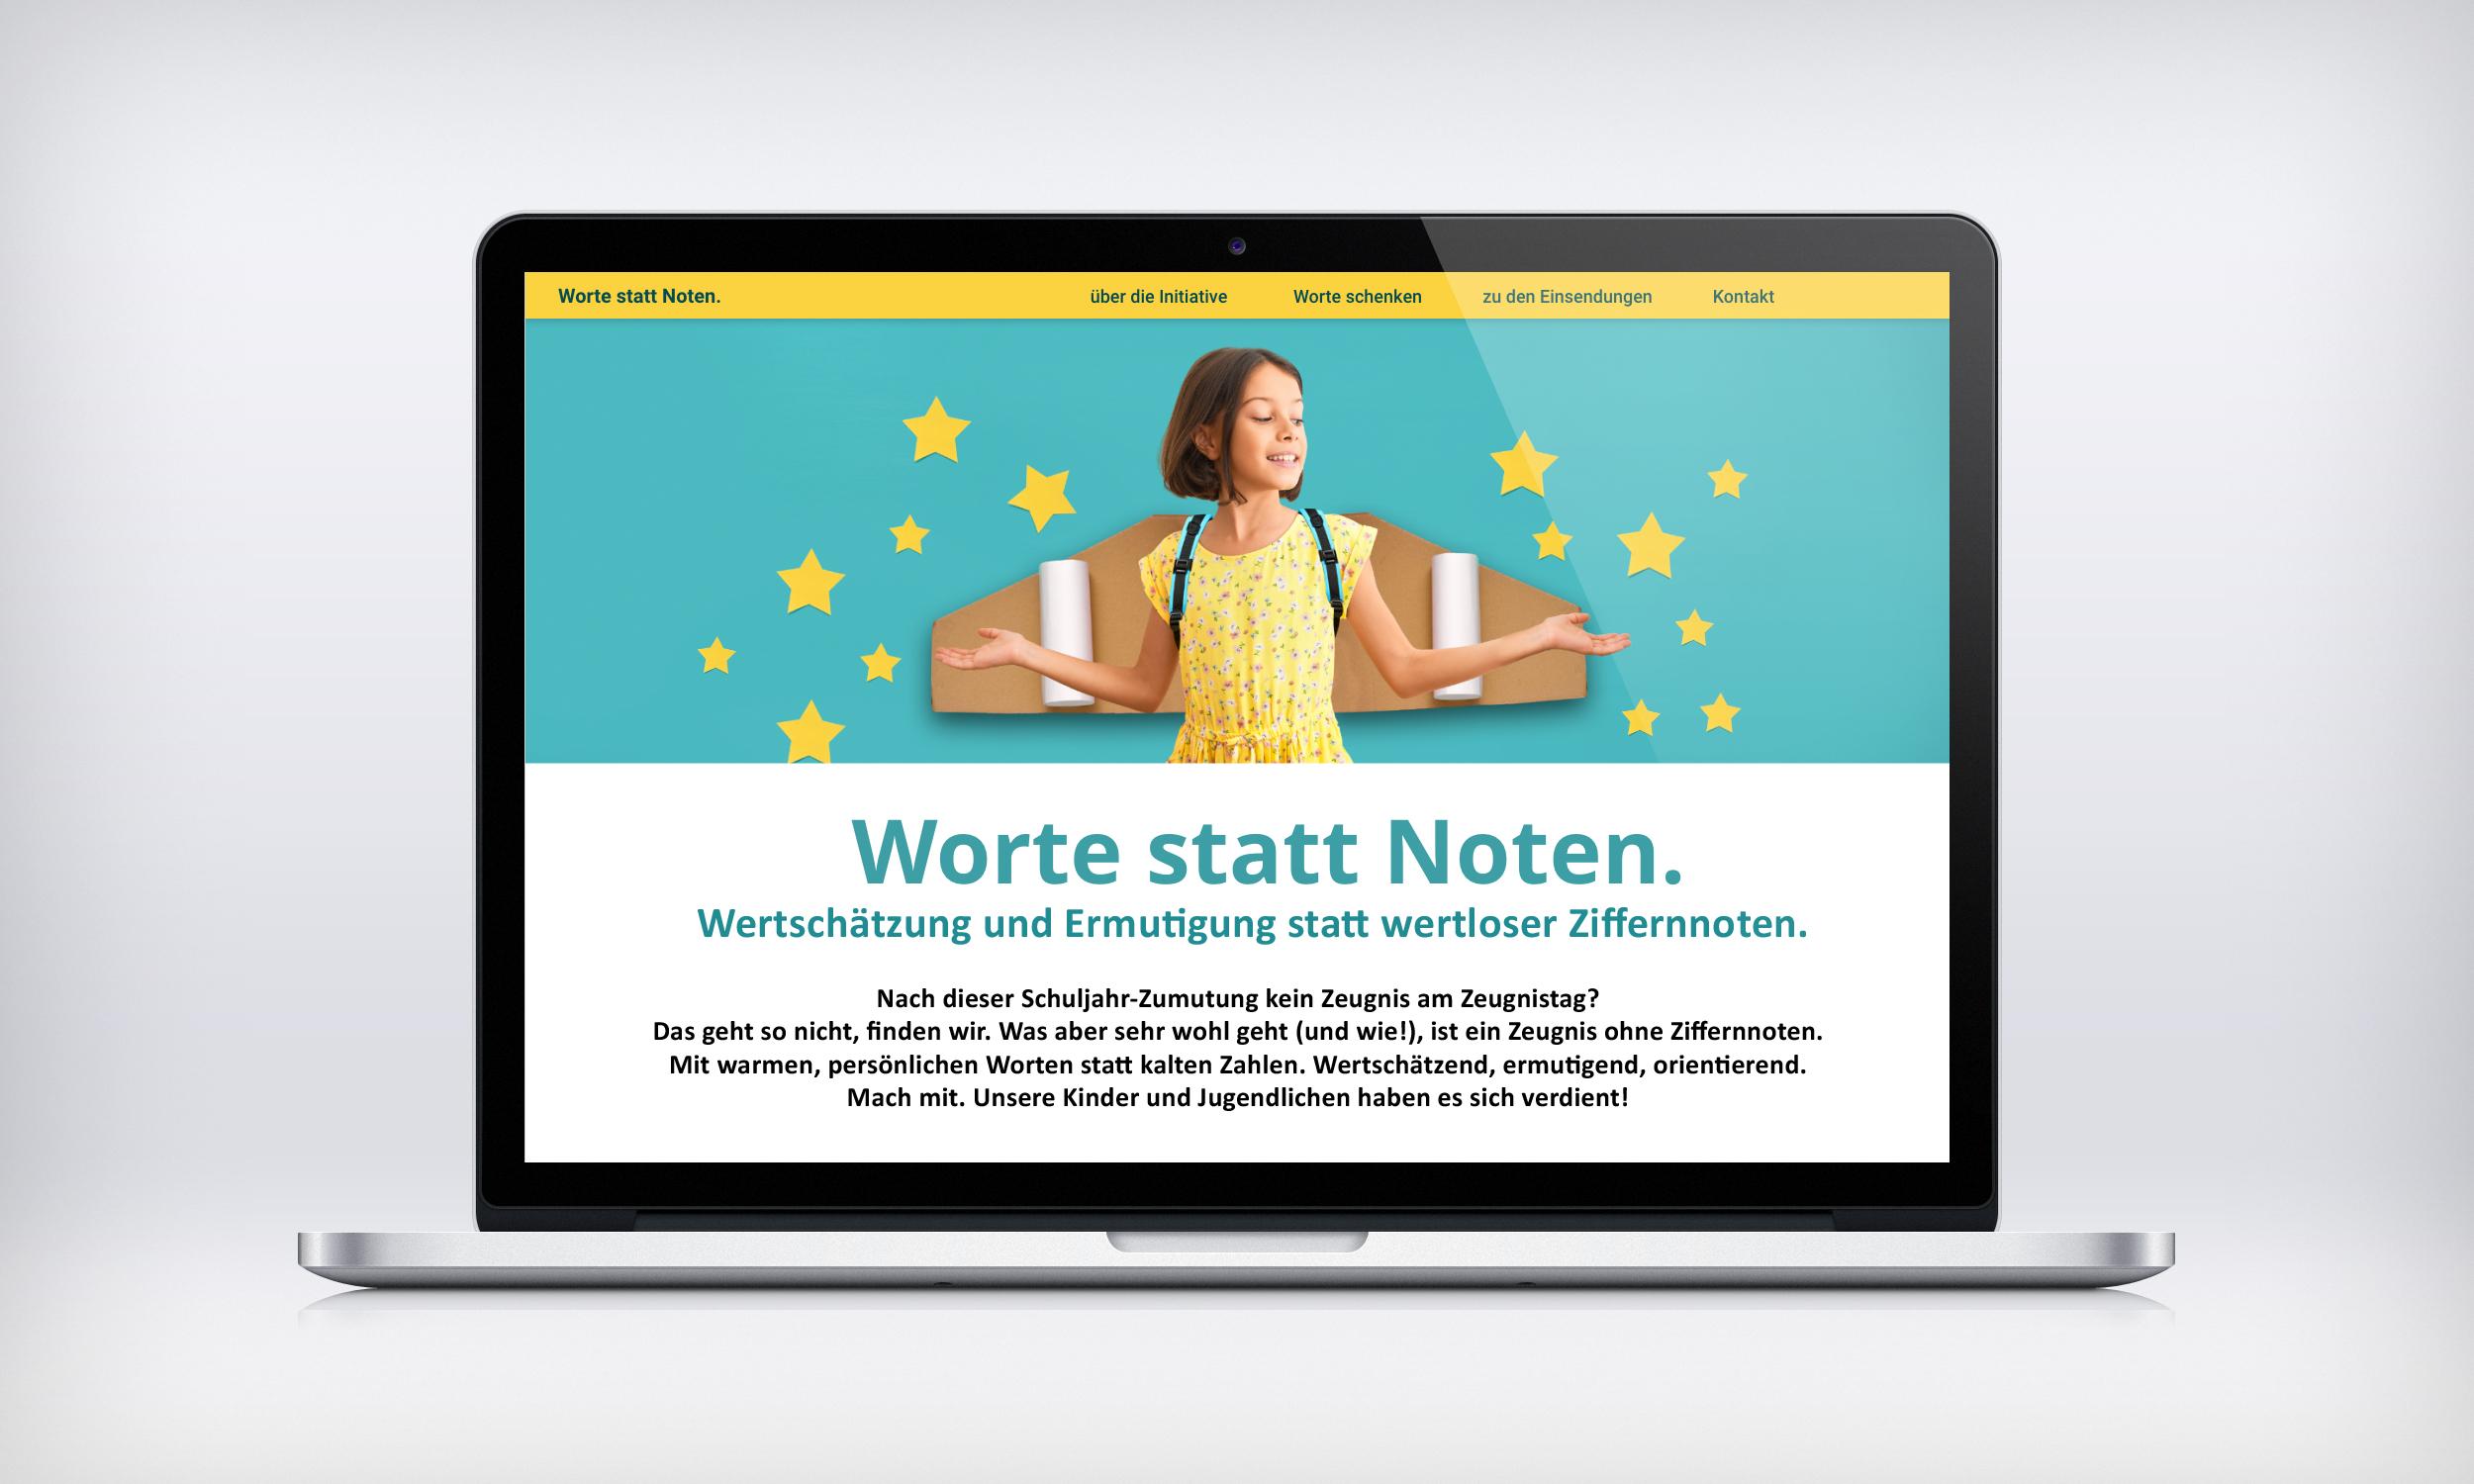 worte_statt_noten_laptop